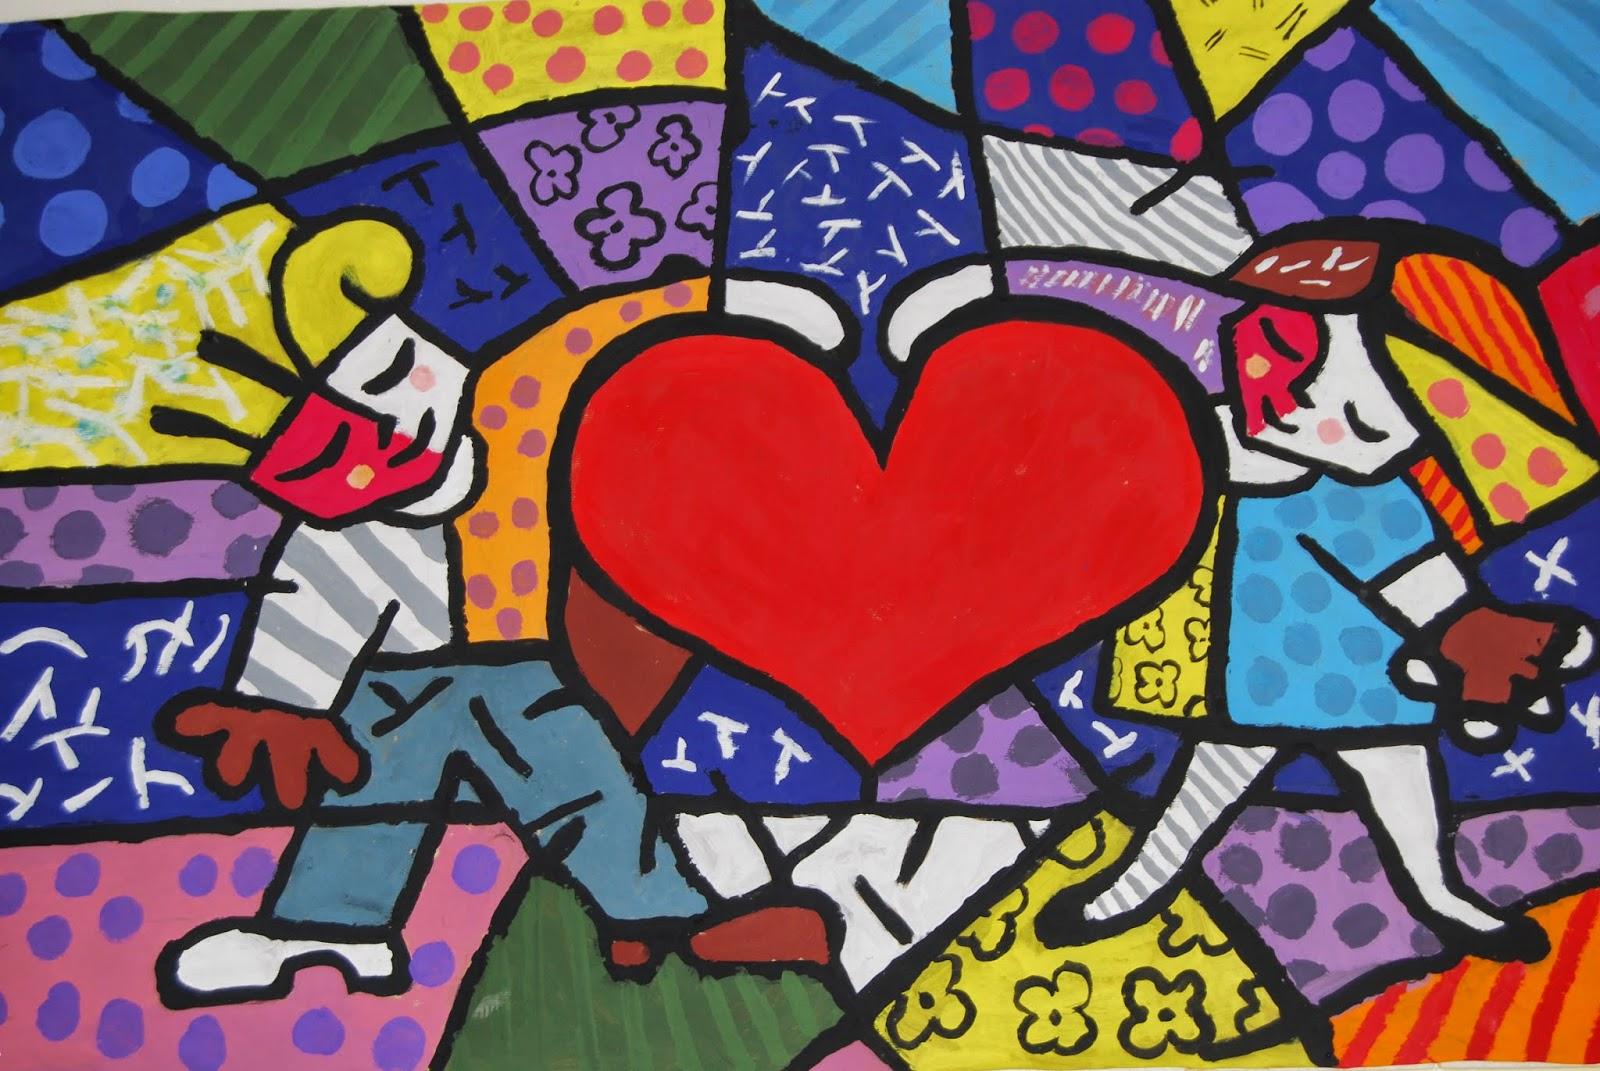 Saricole Murales Inspirados En Los Cuadros De Romero Brito